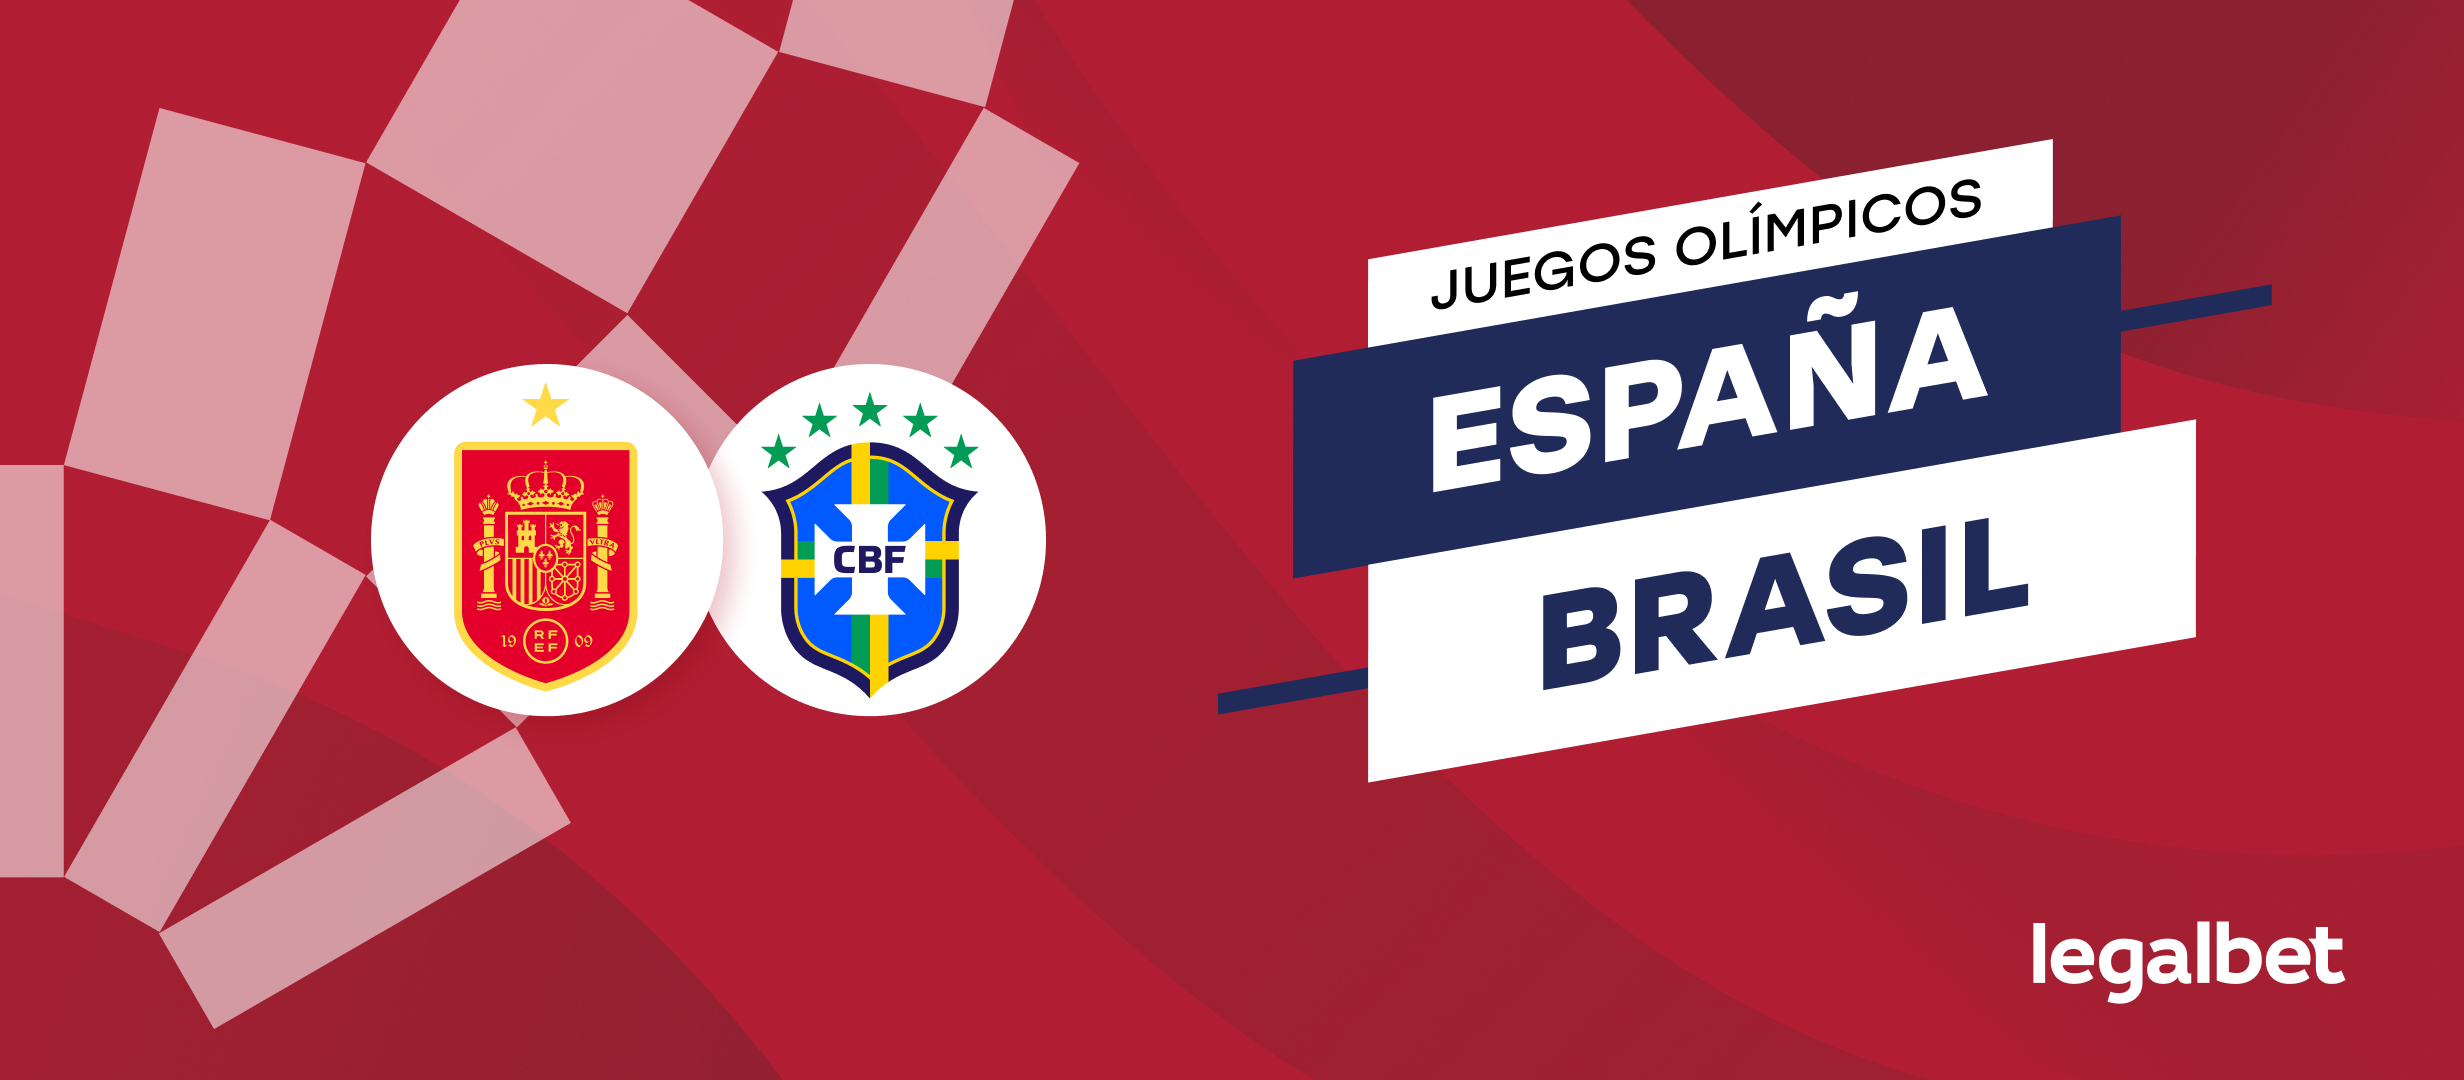 Apuestas y cuotas Brasil - España, Juegos Olímpicos 2020 (2021)